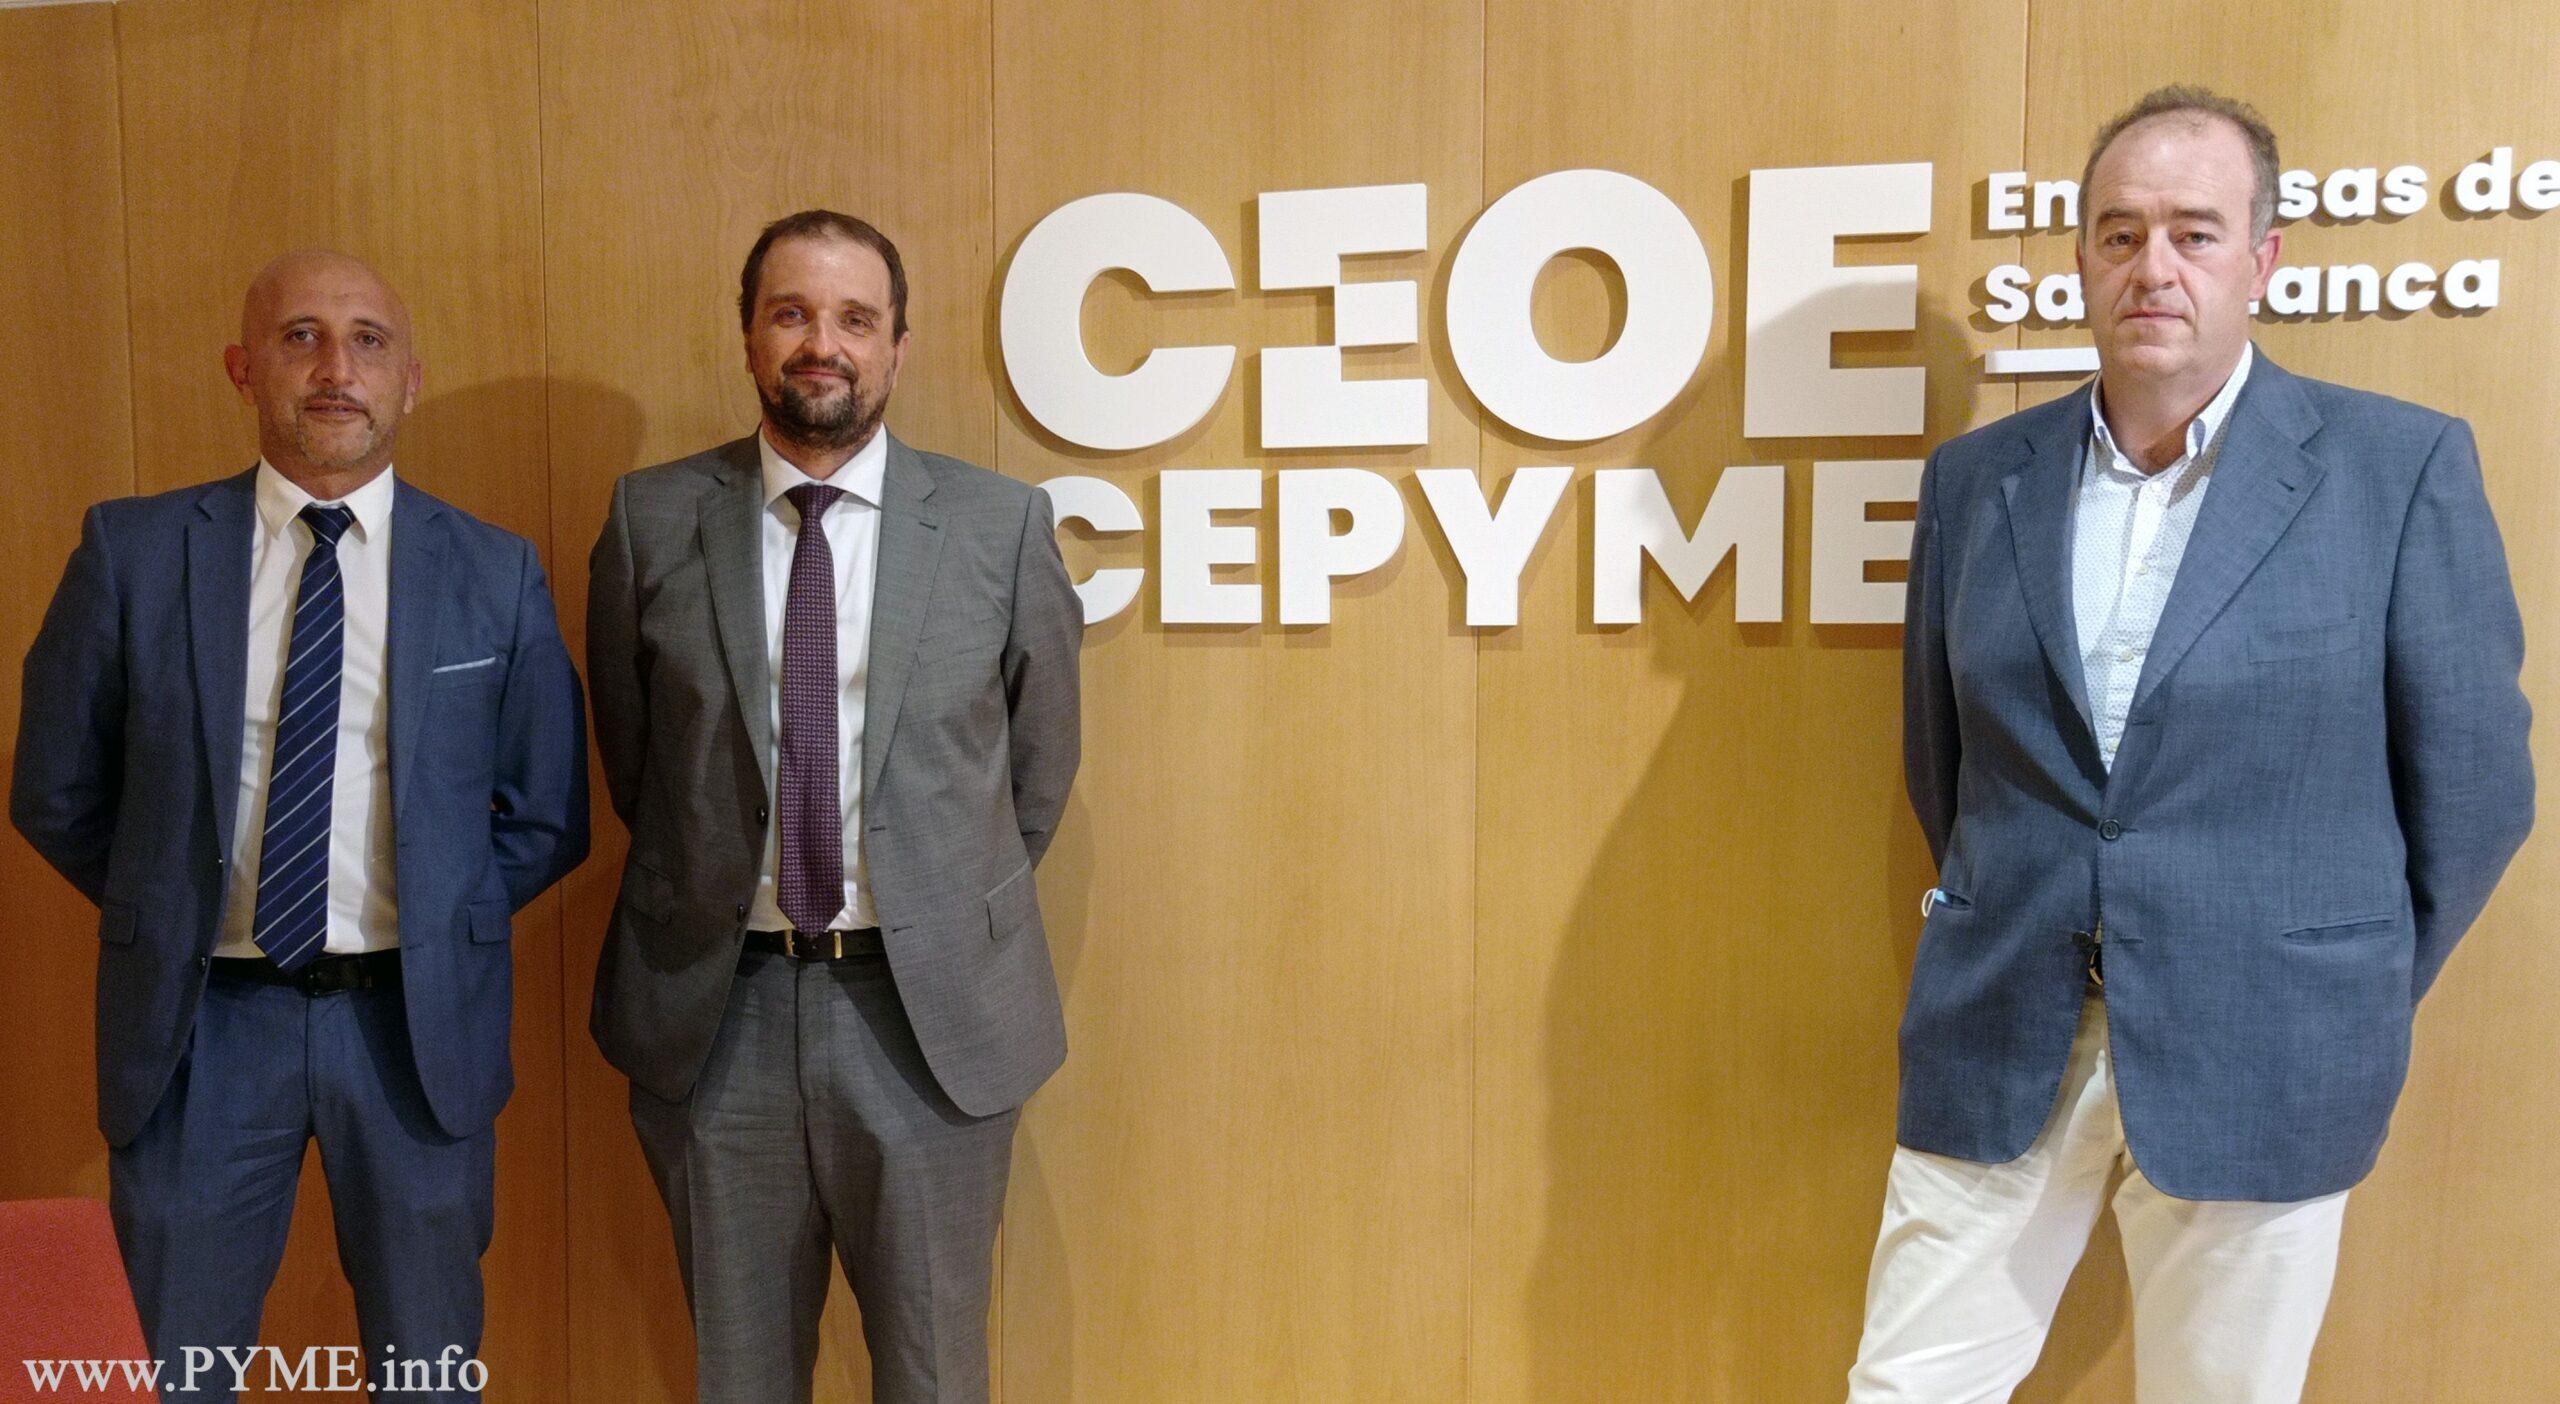 CEOE CEPYME Salamanca y SegurCaixa Adeslas ofrecen a los empresarios un seguro de salud con condiciones preferentes